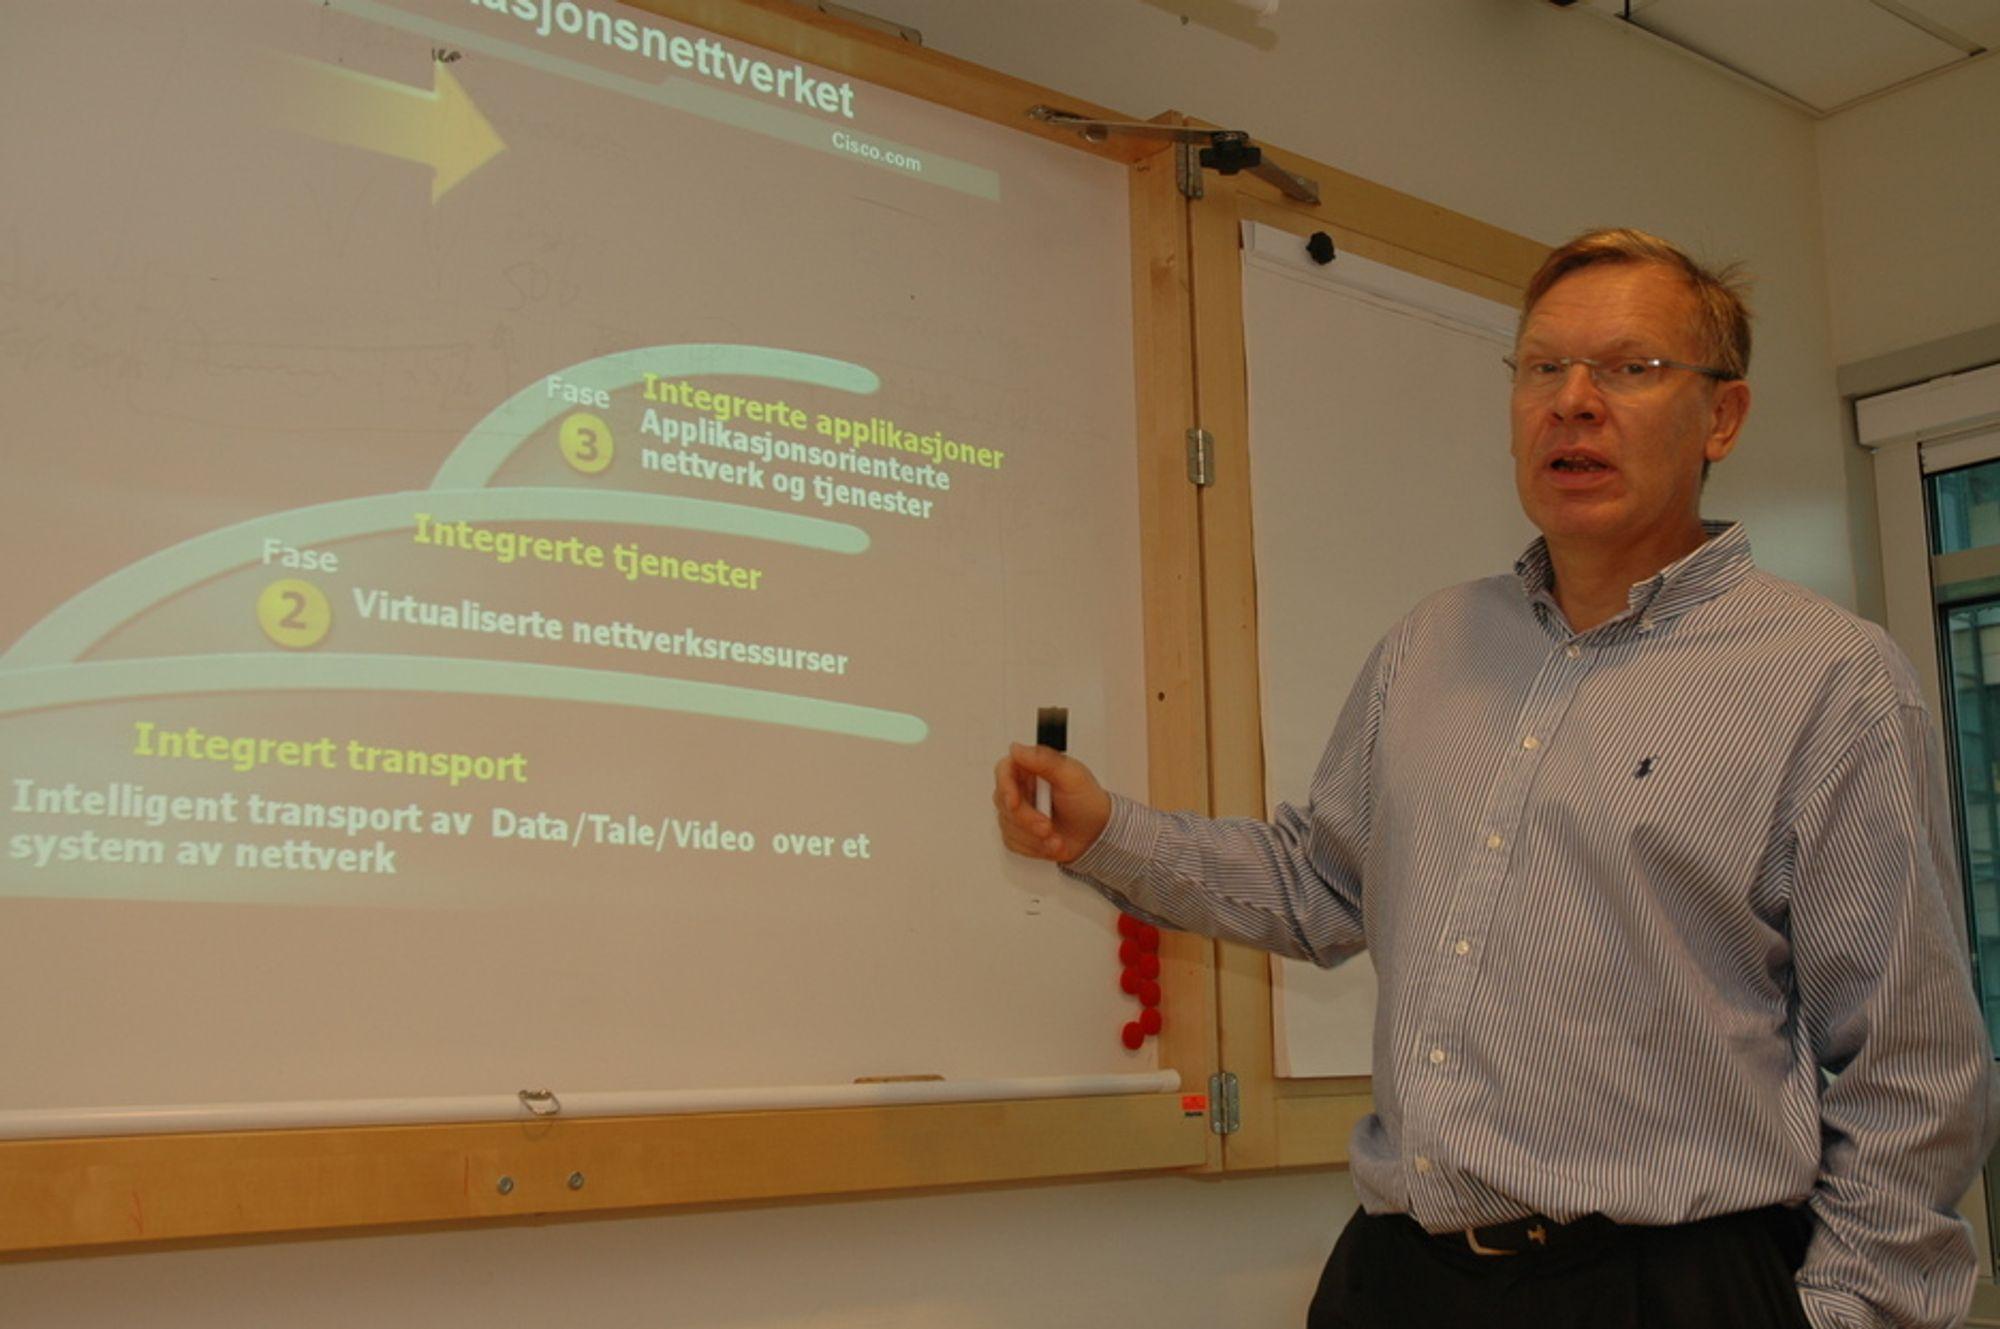 FASE TRE: Administrerende direktør Jørgen Myrland hos Cisco forteller at de nå introduserer fase tre i sine bestrebelser på å gjøre tele- og datanettverk mer effektive.